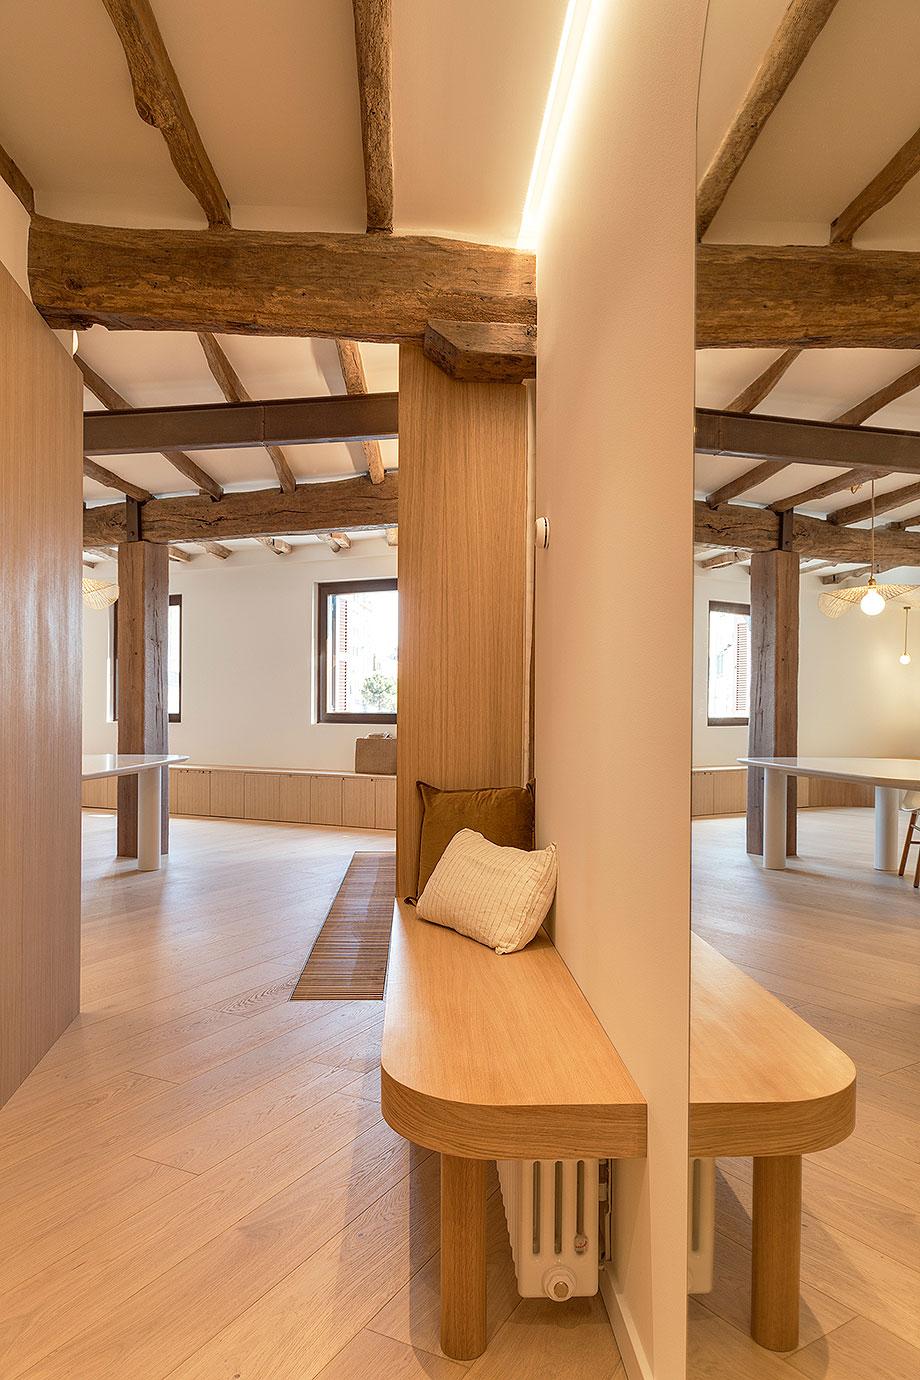 casa kaia de amaia arana arkitektura (3) - foto iñaki guridi de mitiko estudio